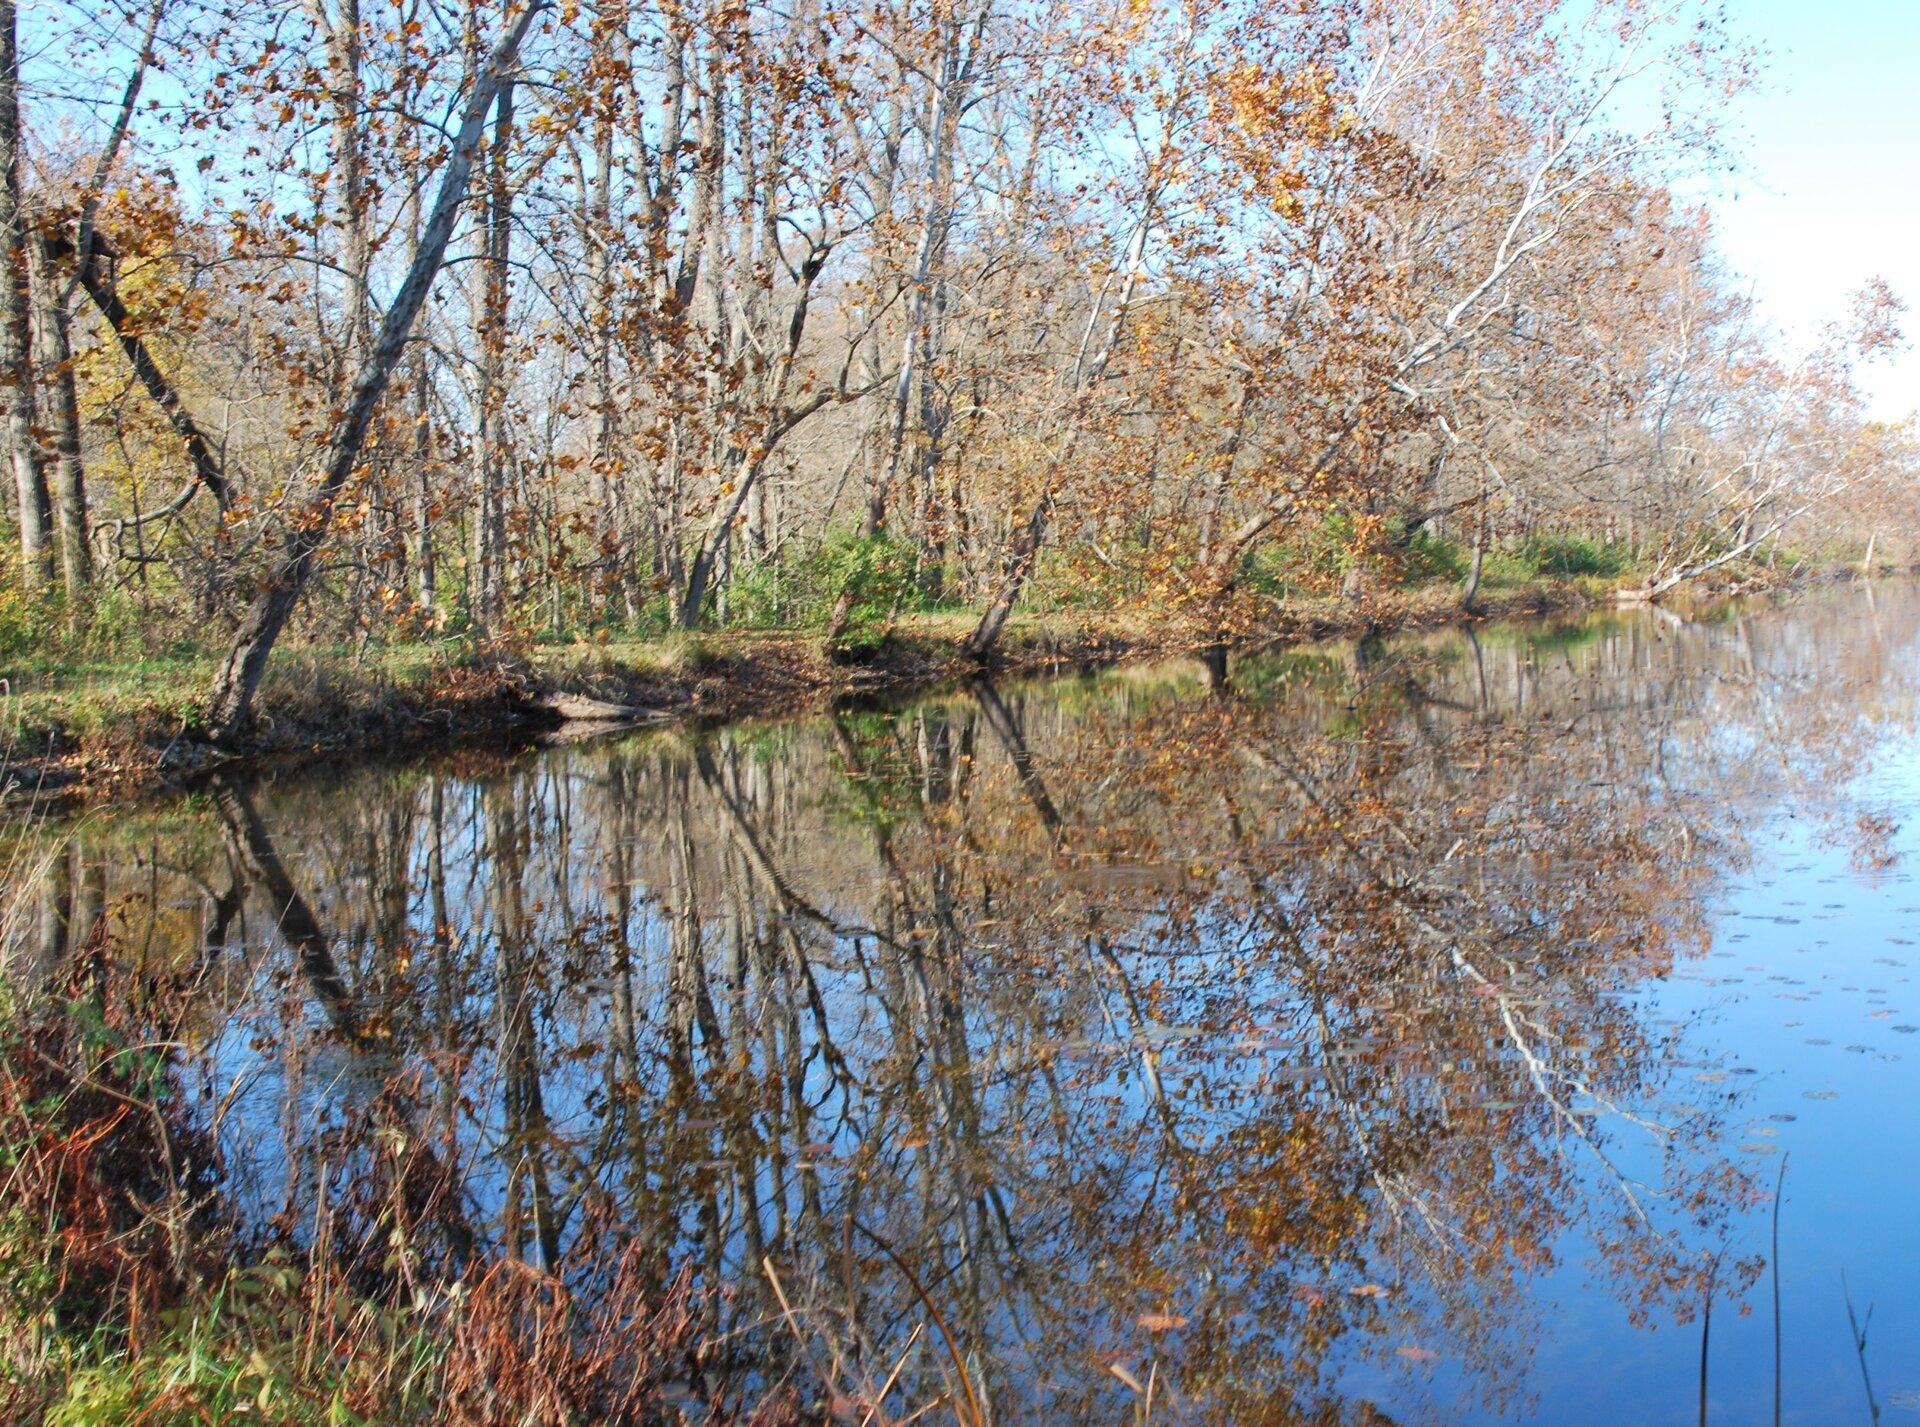 Zdjęcie drzew rosnących wzdłuż brzegu rzeki iodbicie tych drzew wwodzie.